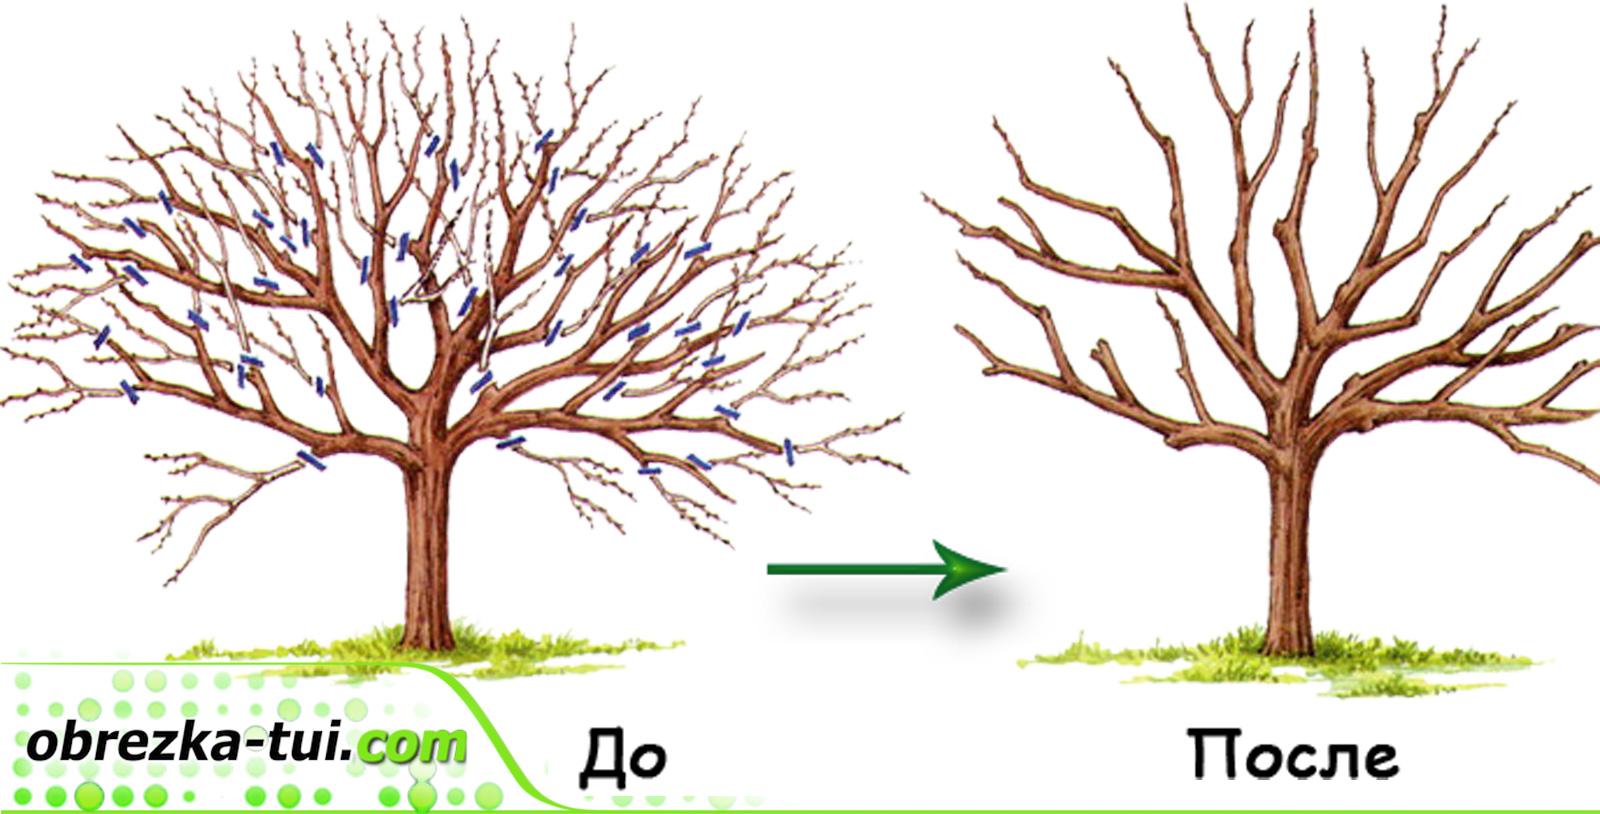 оброзка деревьев